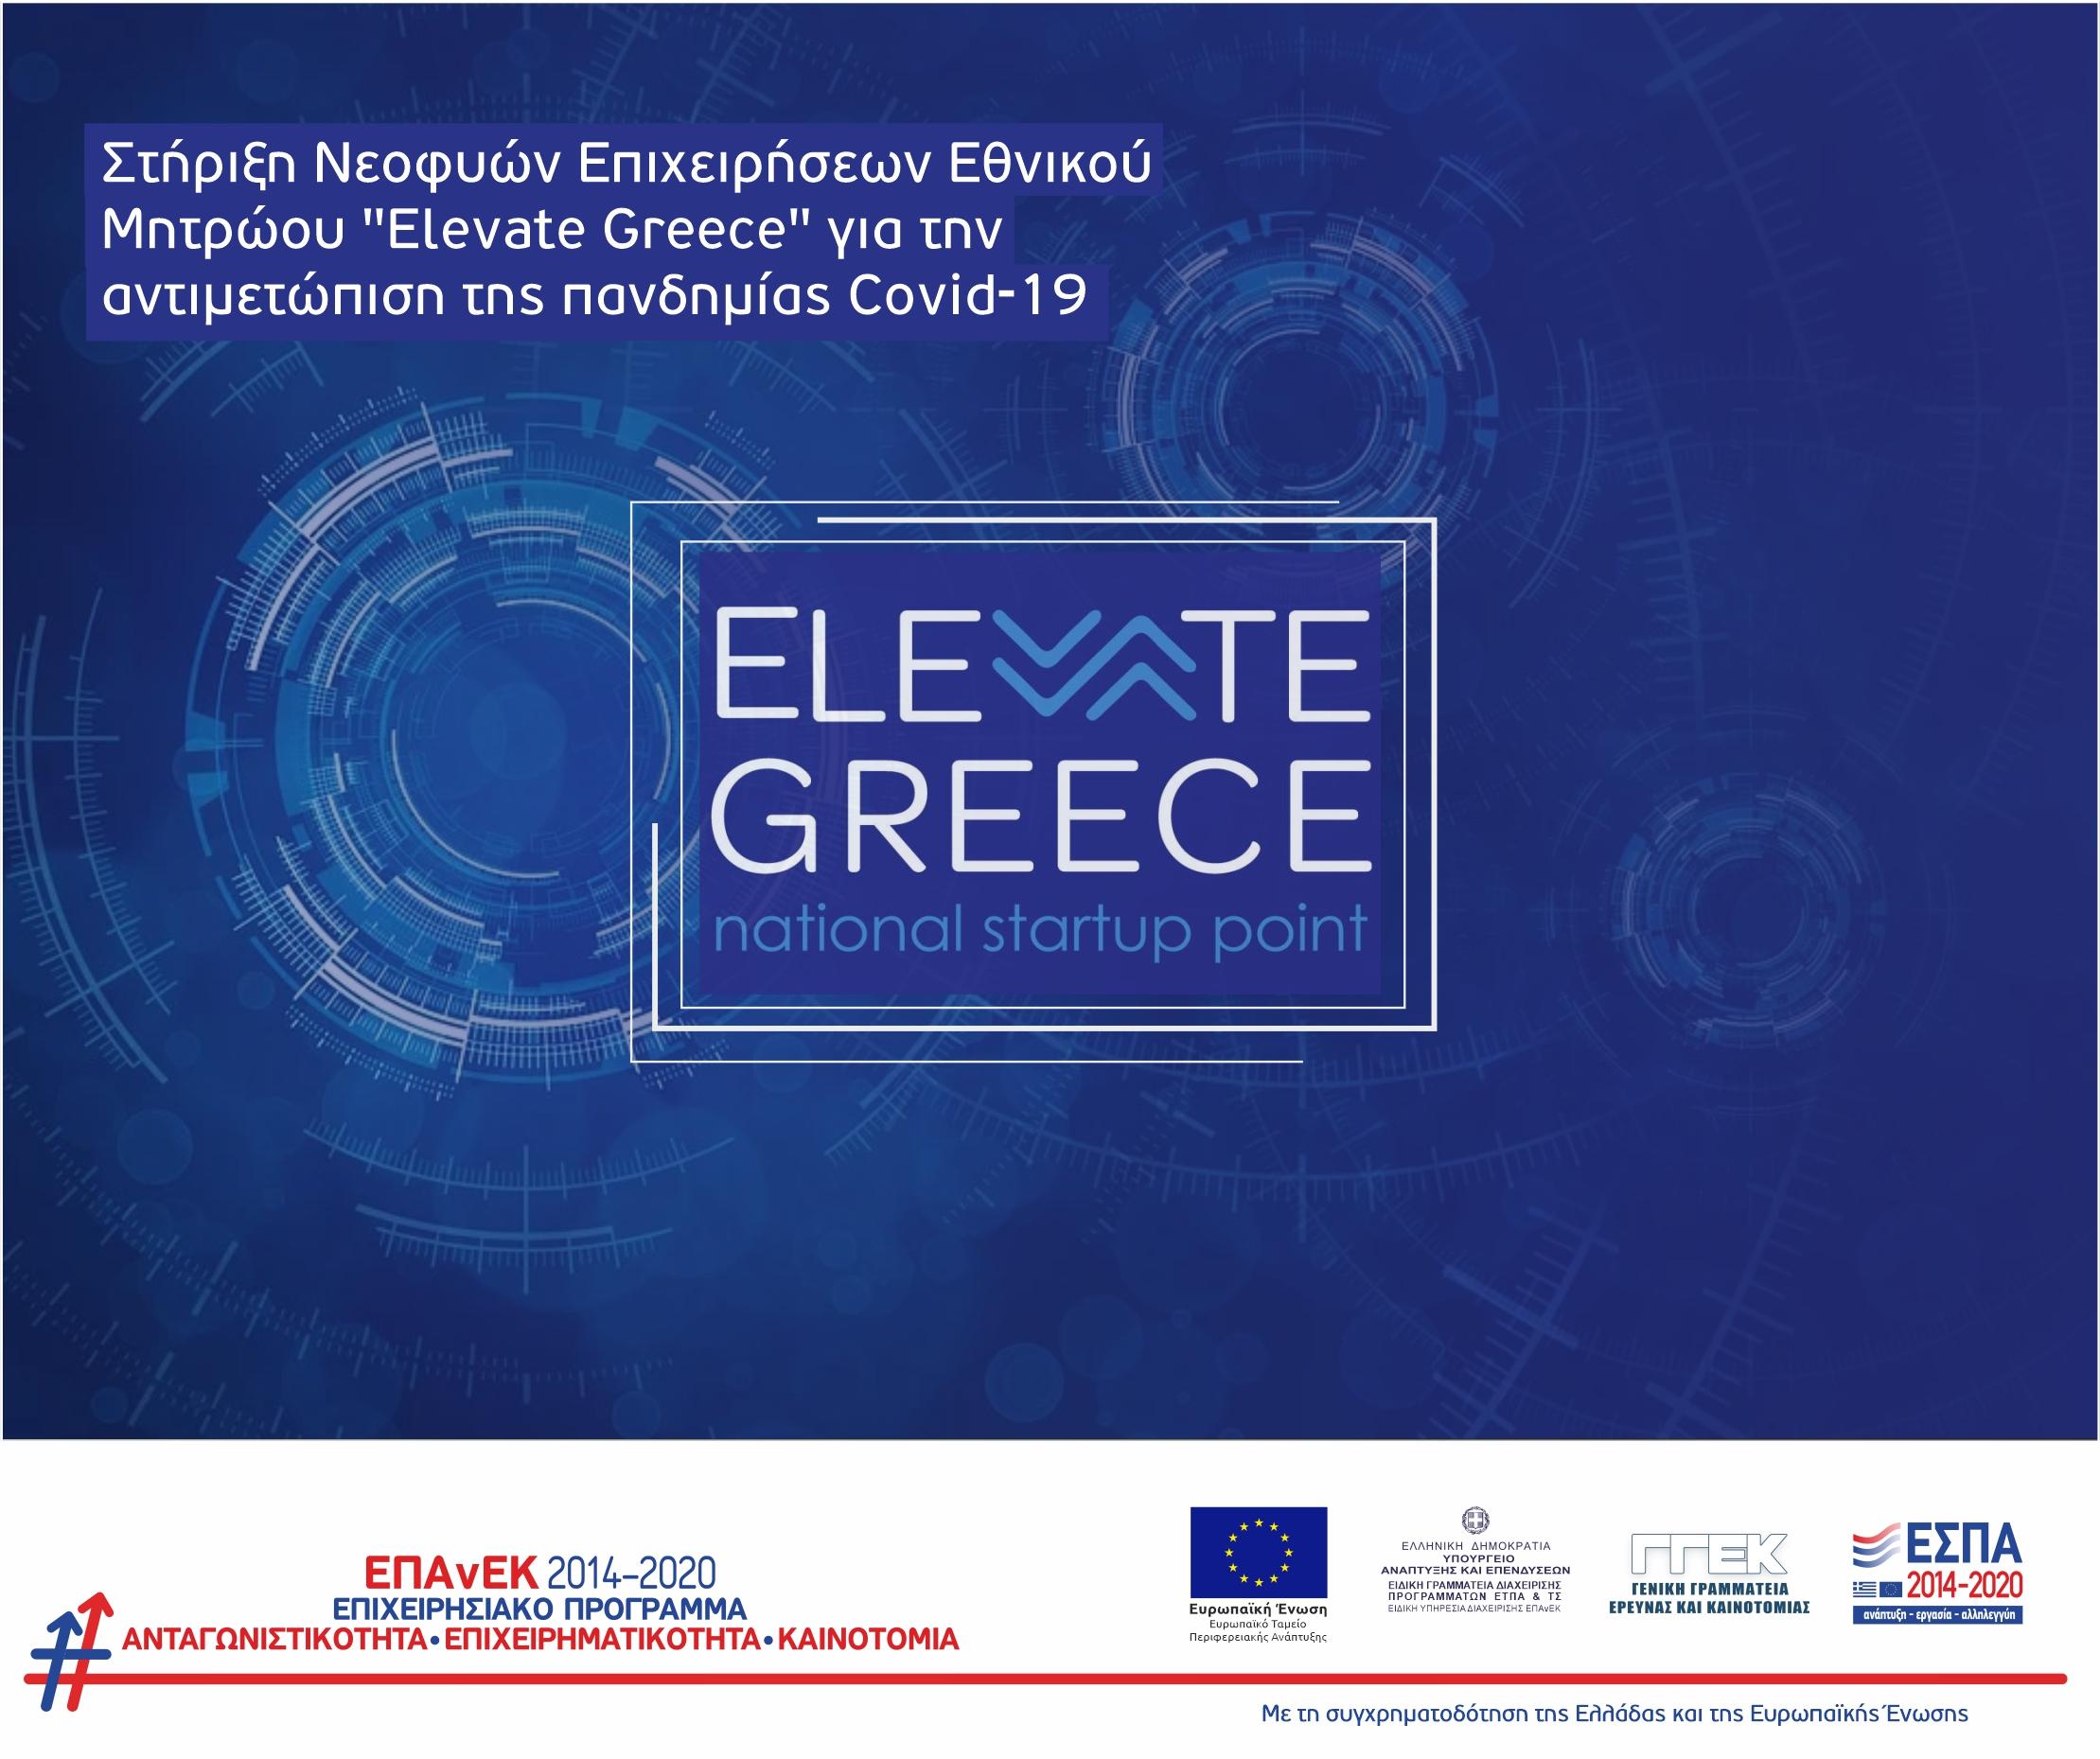 Νέα παράταση υποβολής αιτήσεων για την Δράση στήριξης των νεοφυών επιχειρήσεων του «Elevate Greece»